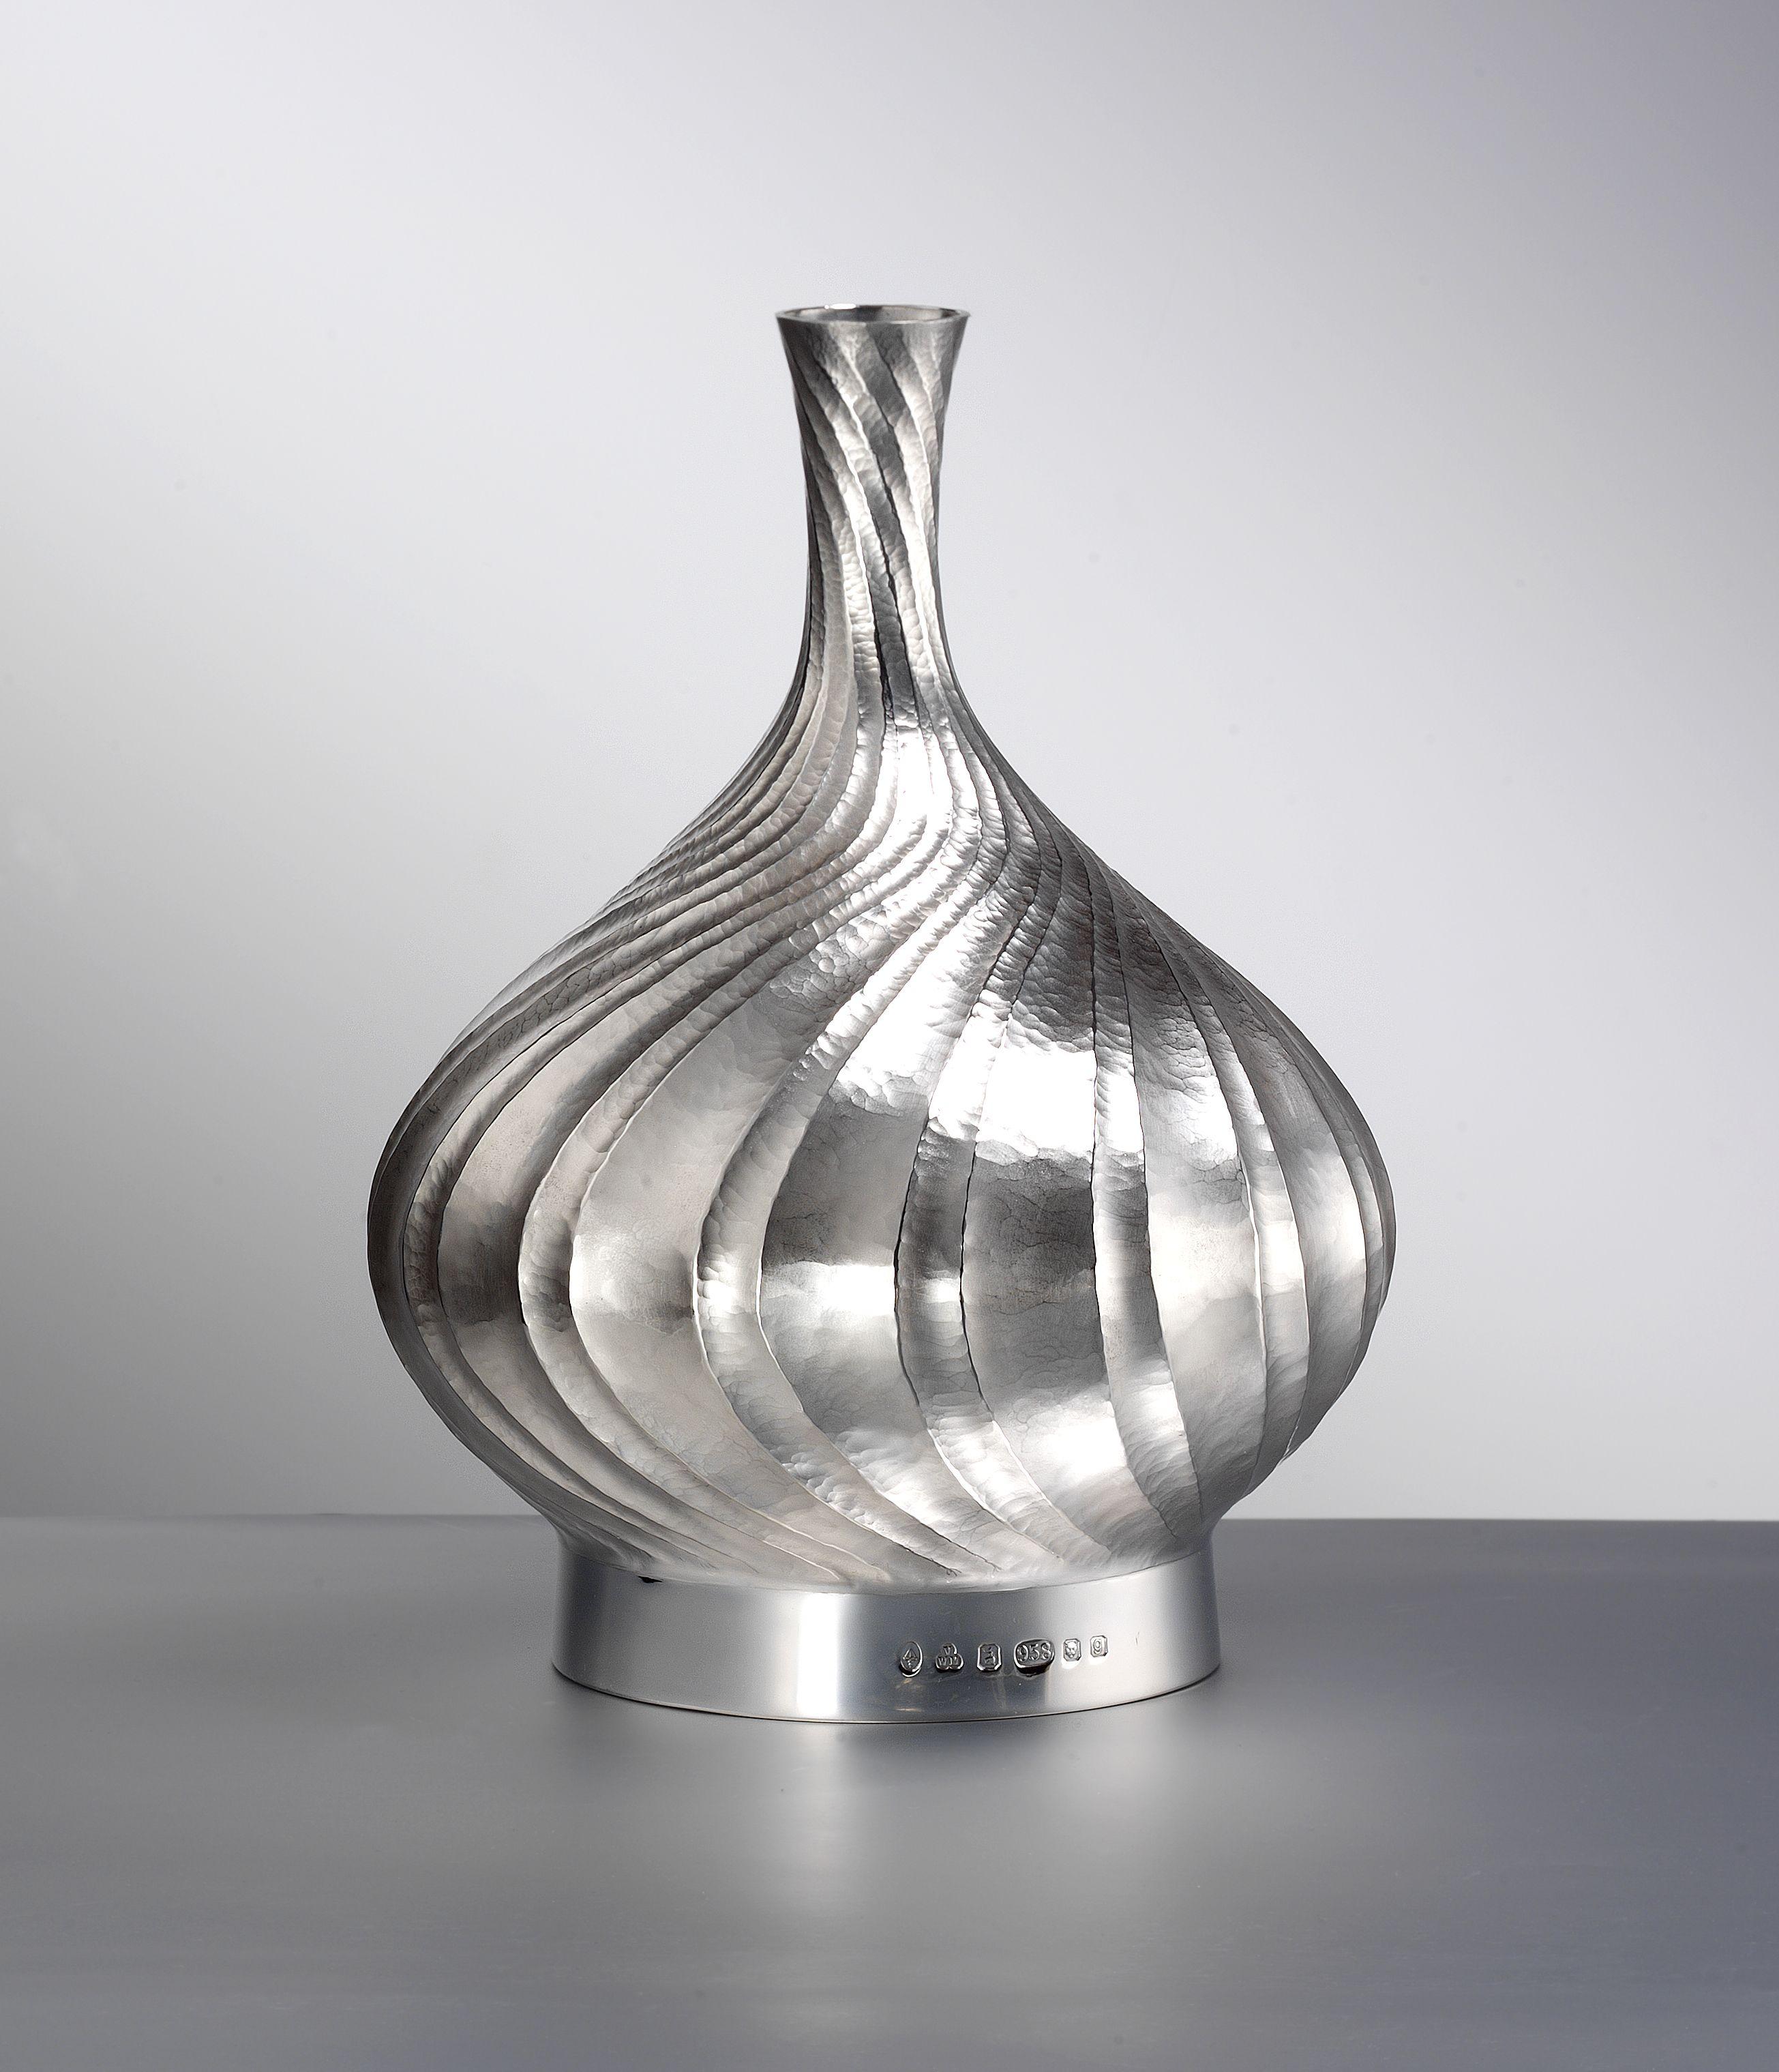 Silver Vases Hand Raised Silver Vasedesignermaker Wayne Meeten  Silver